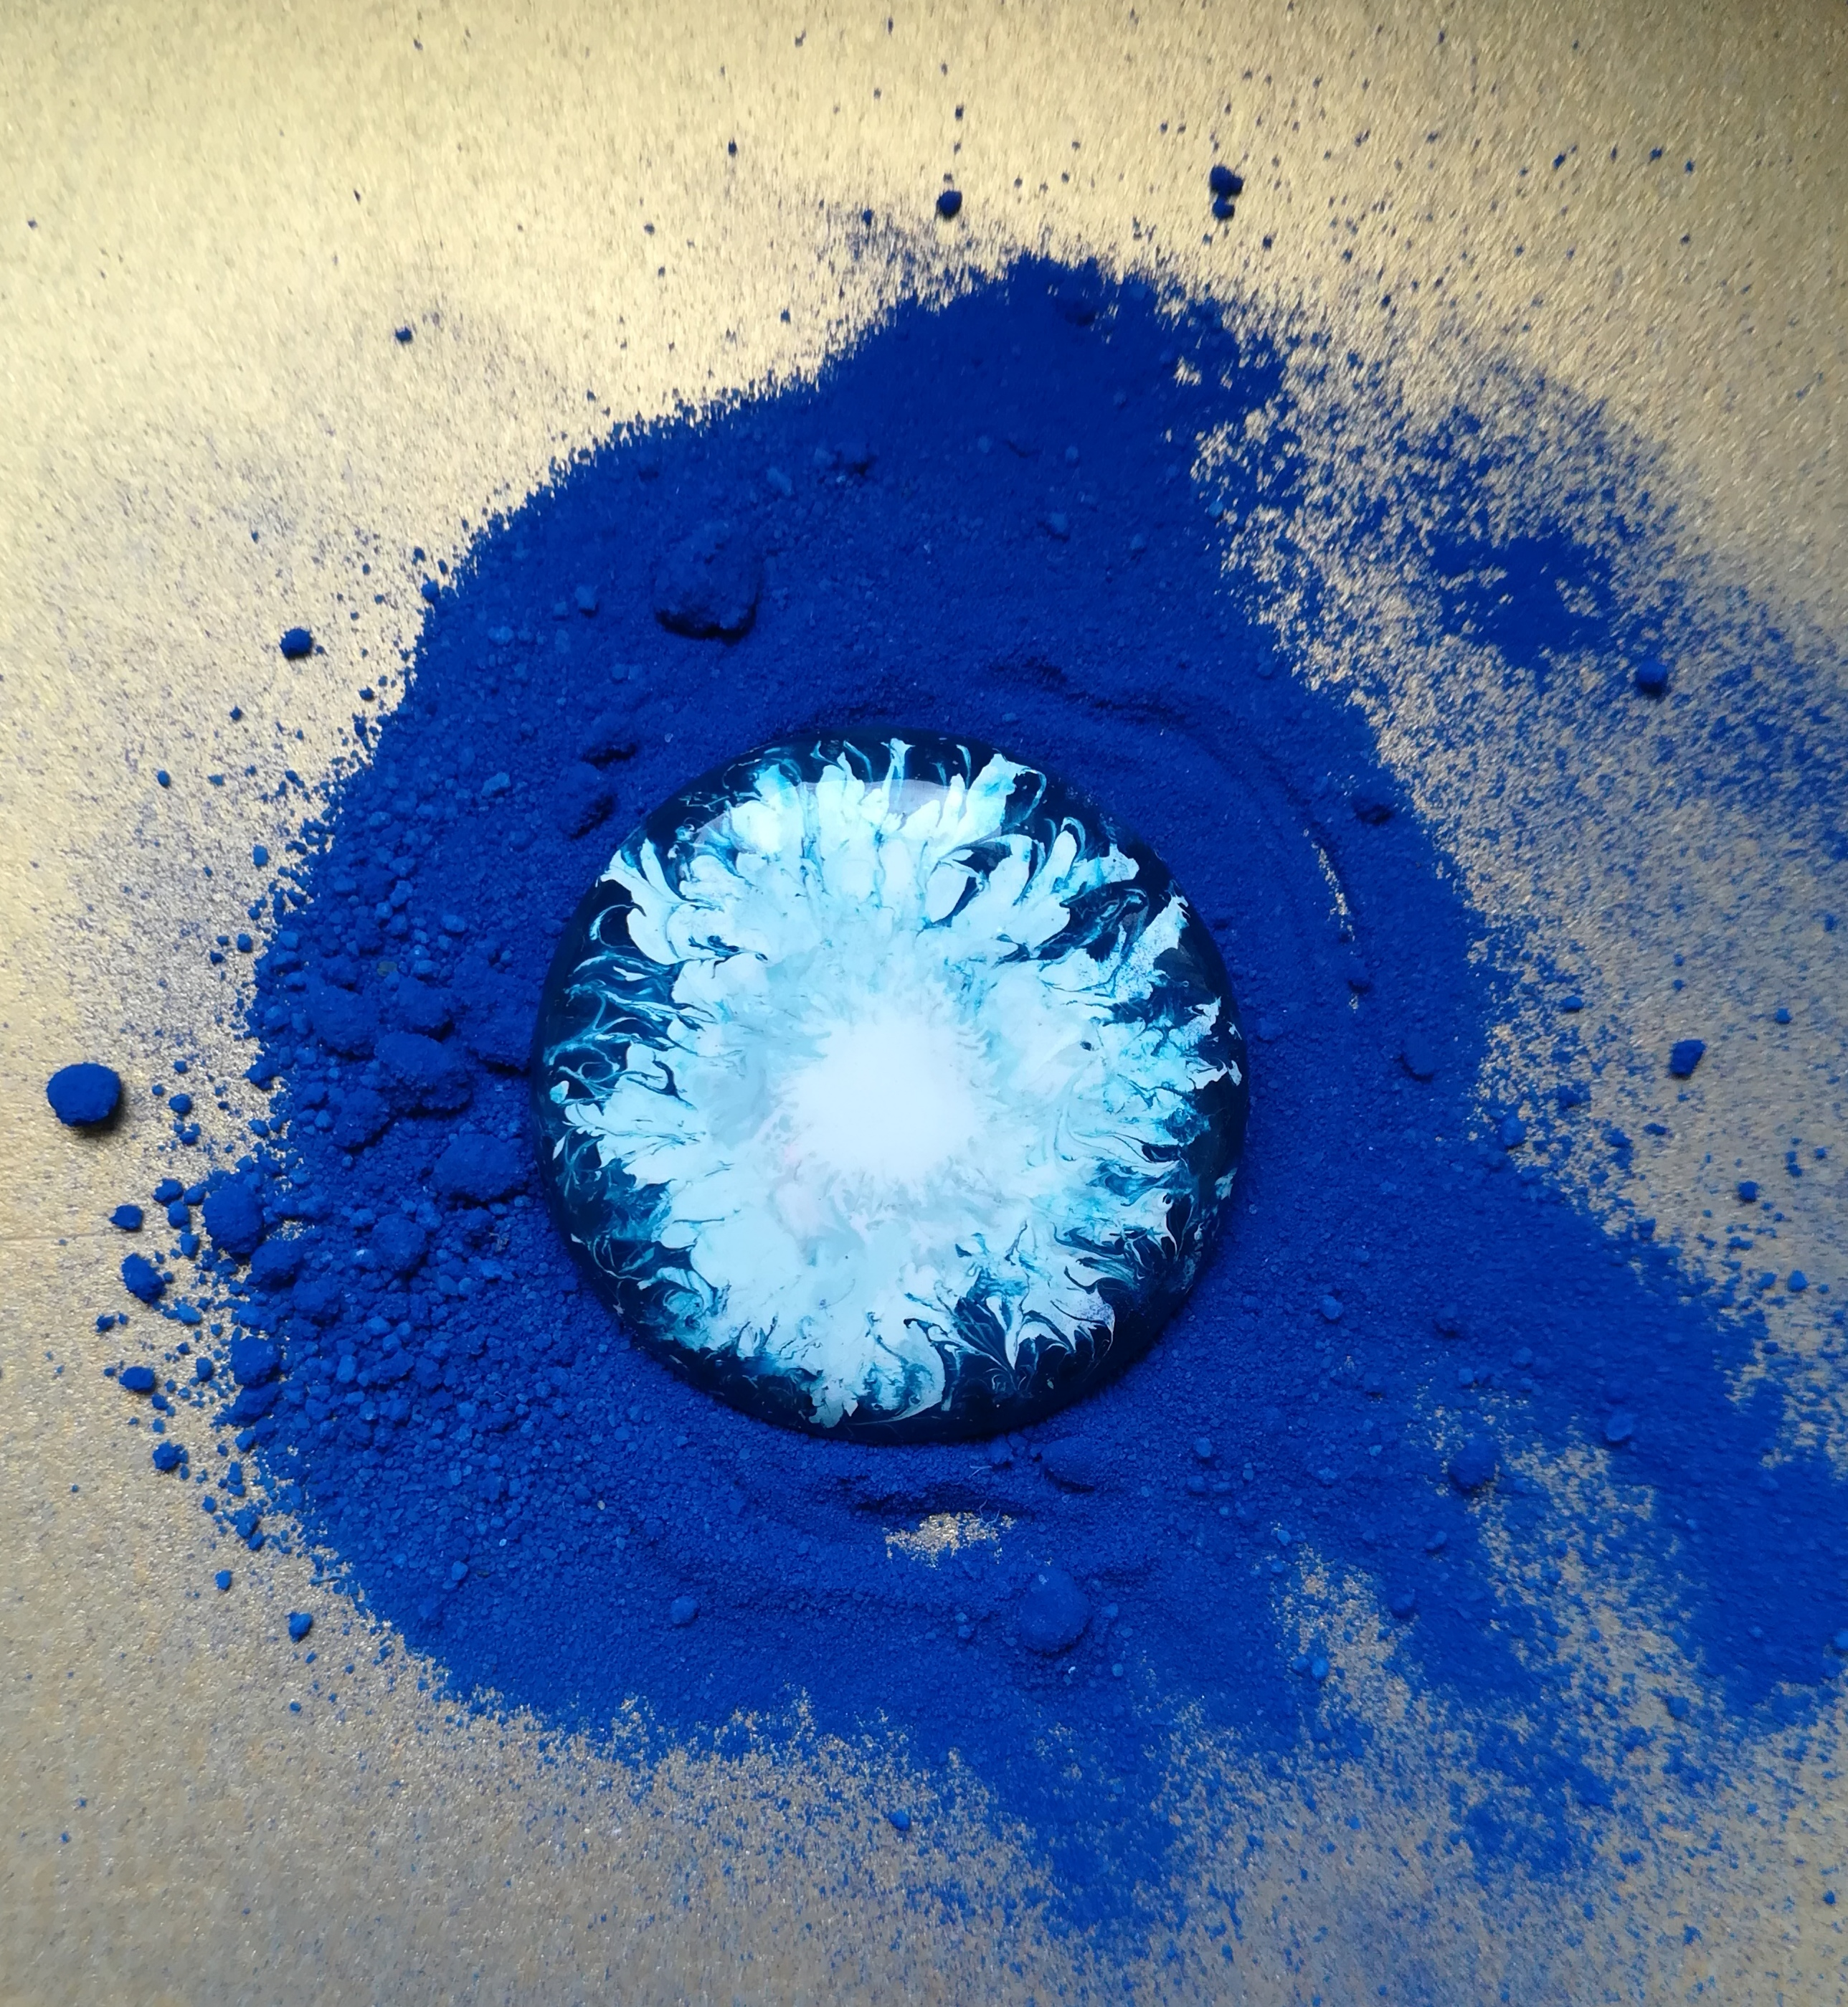 Fusion blanche sur fond bleu nuit.